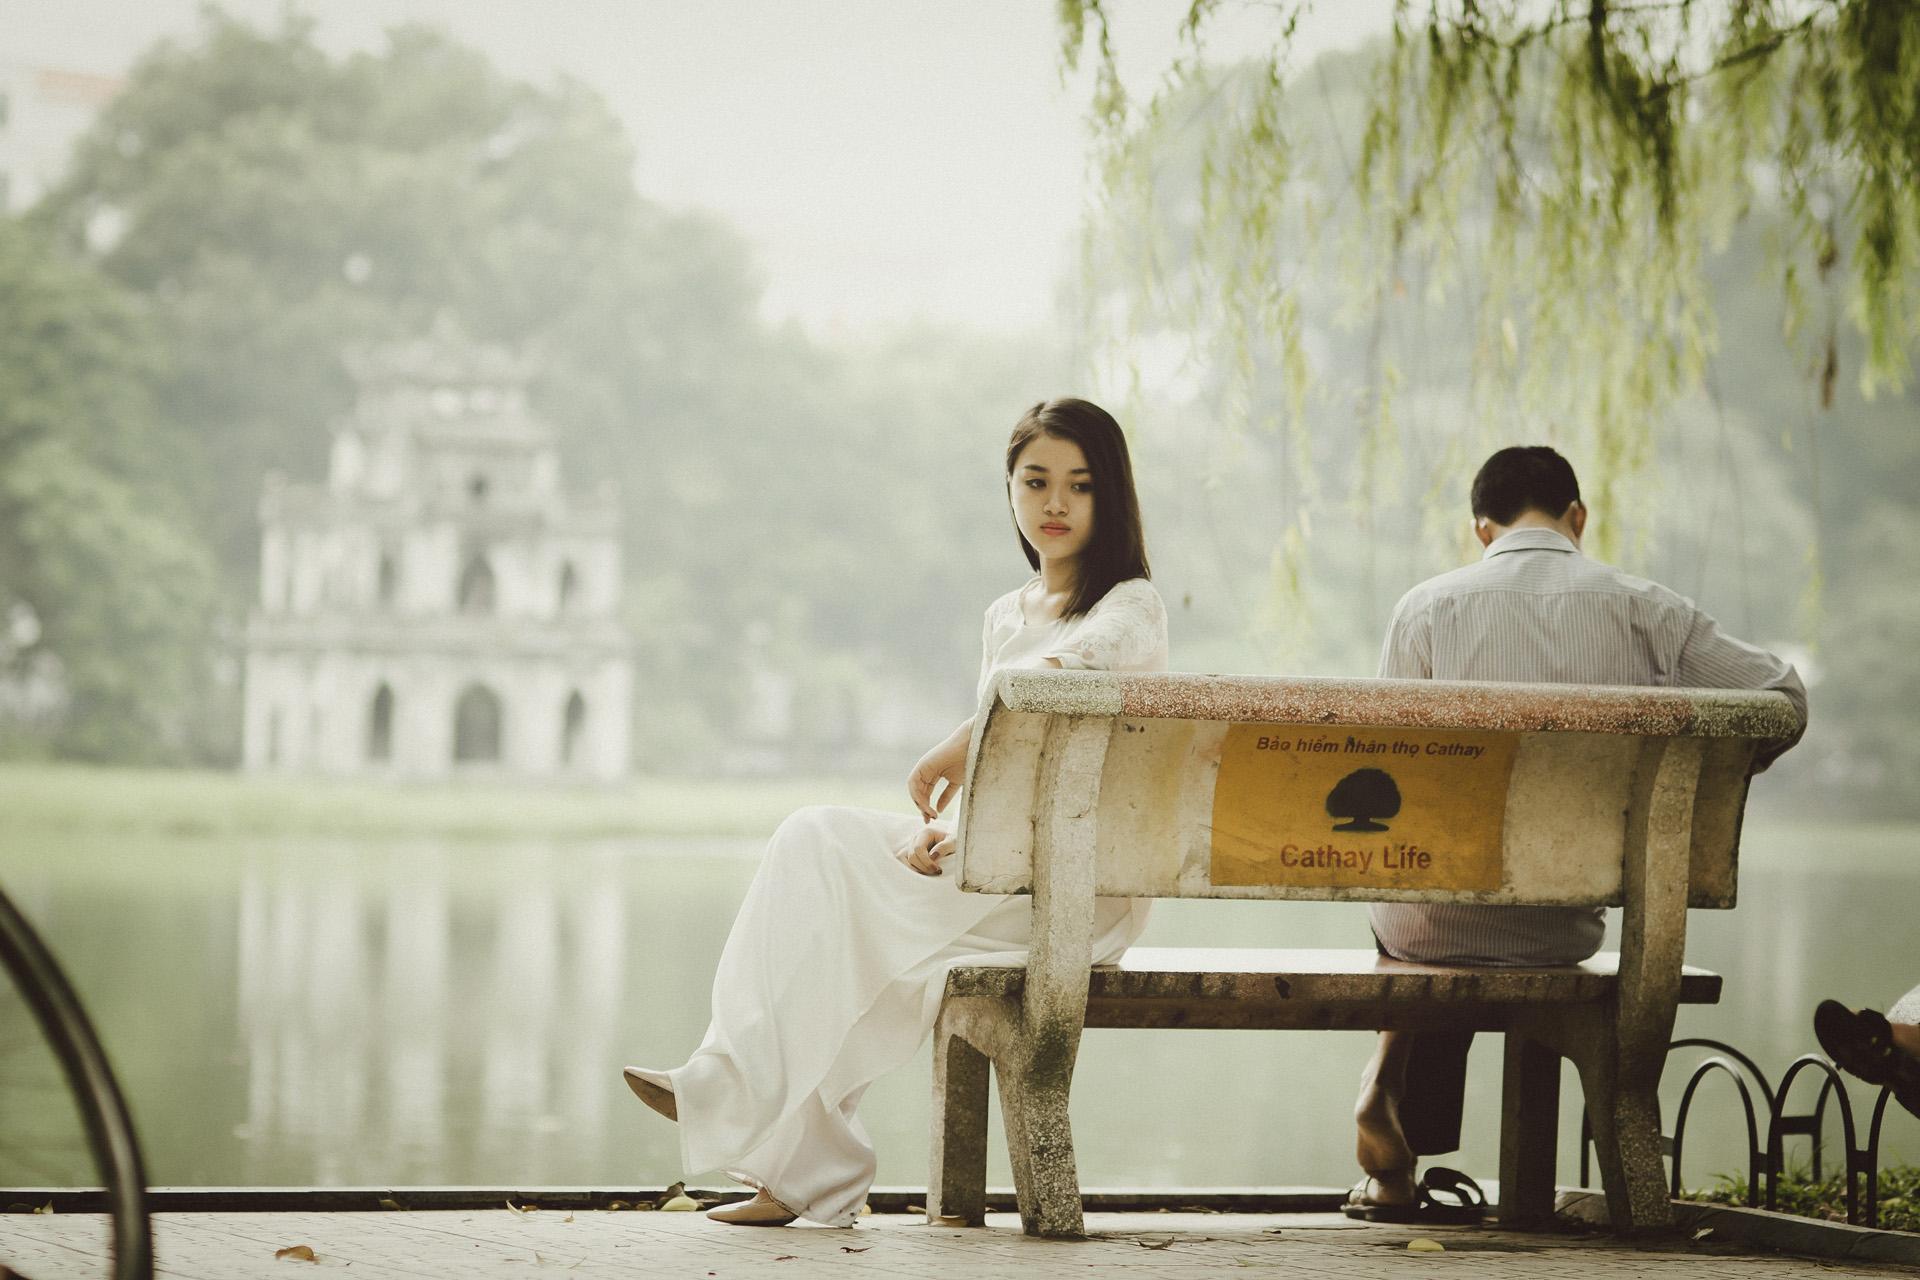 Eifersucht und Liebeskummer